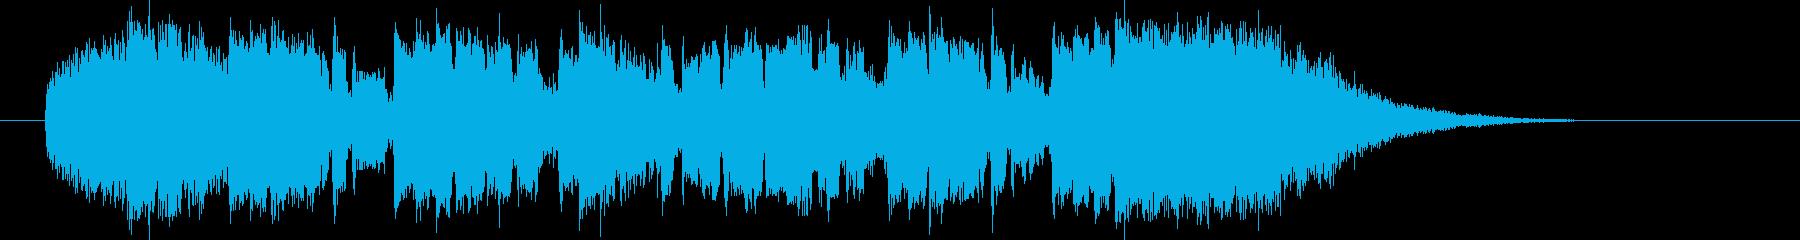 軽快なリズムとピアノによるポップスの再生済みの波形